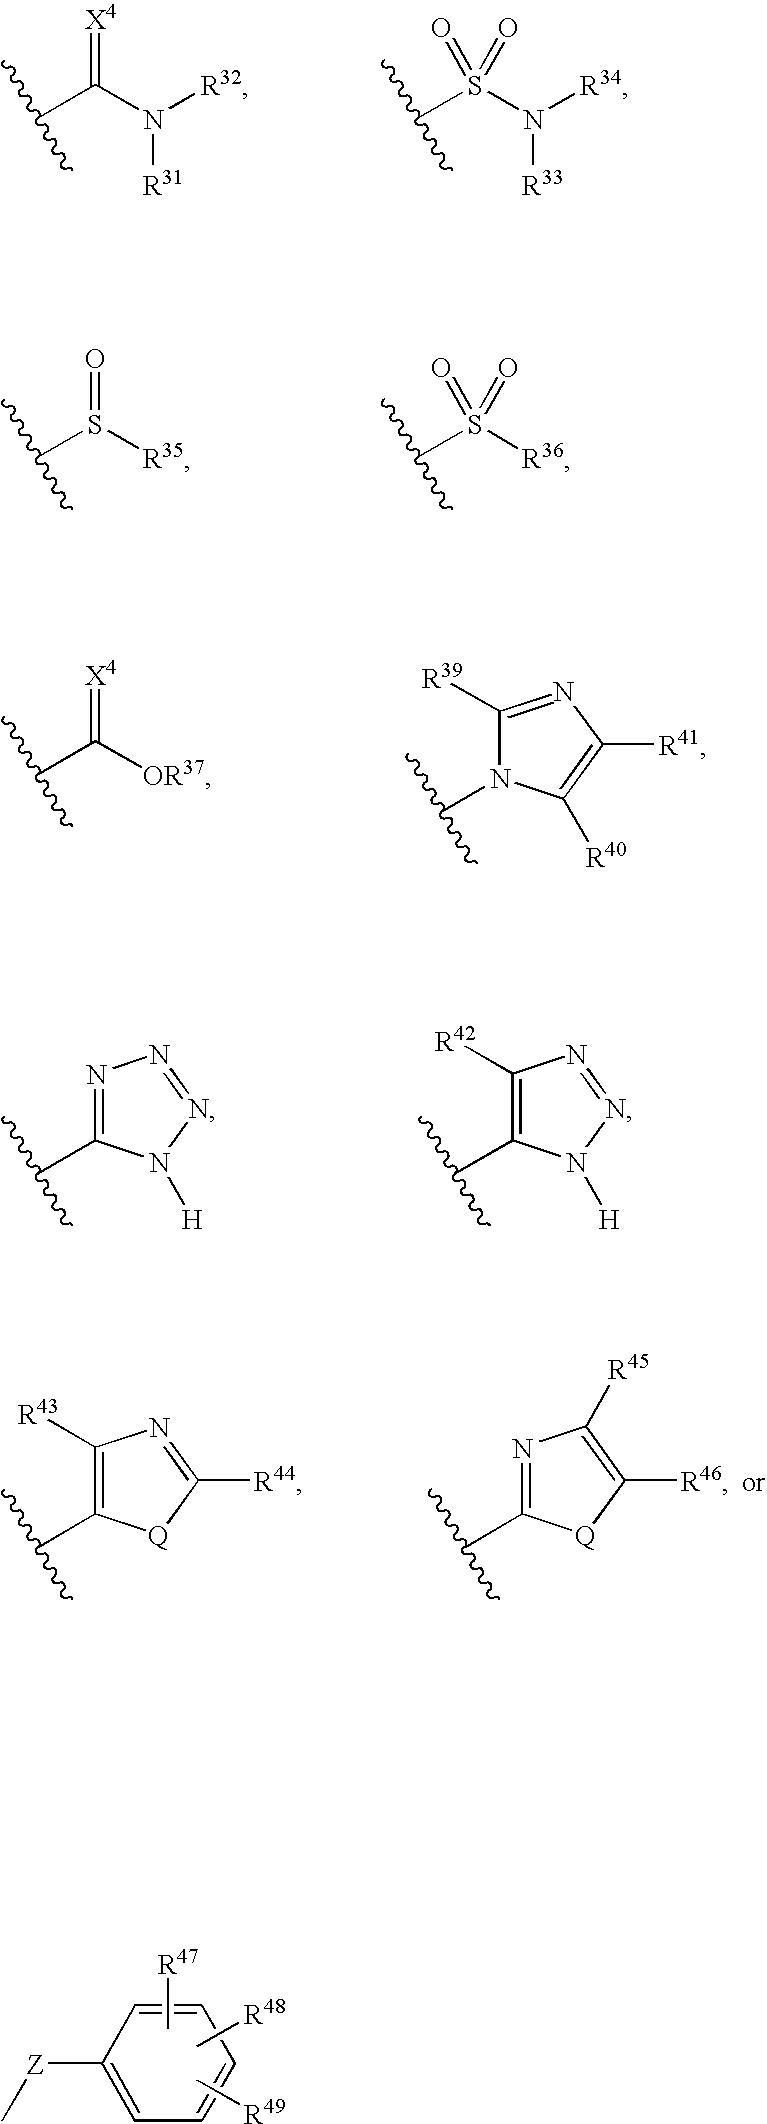 Figure US20070299043A1-20071227-C00177